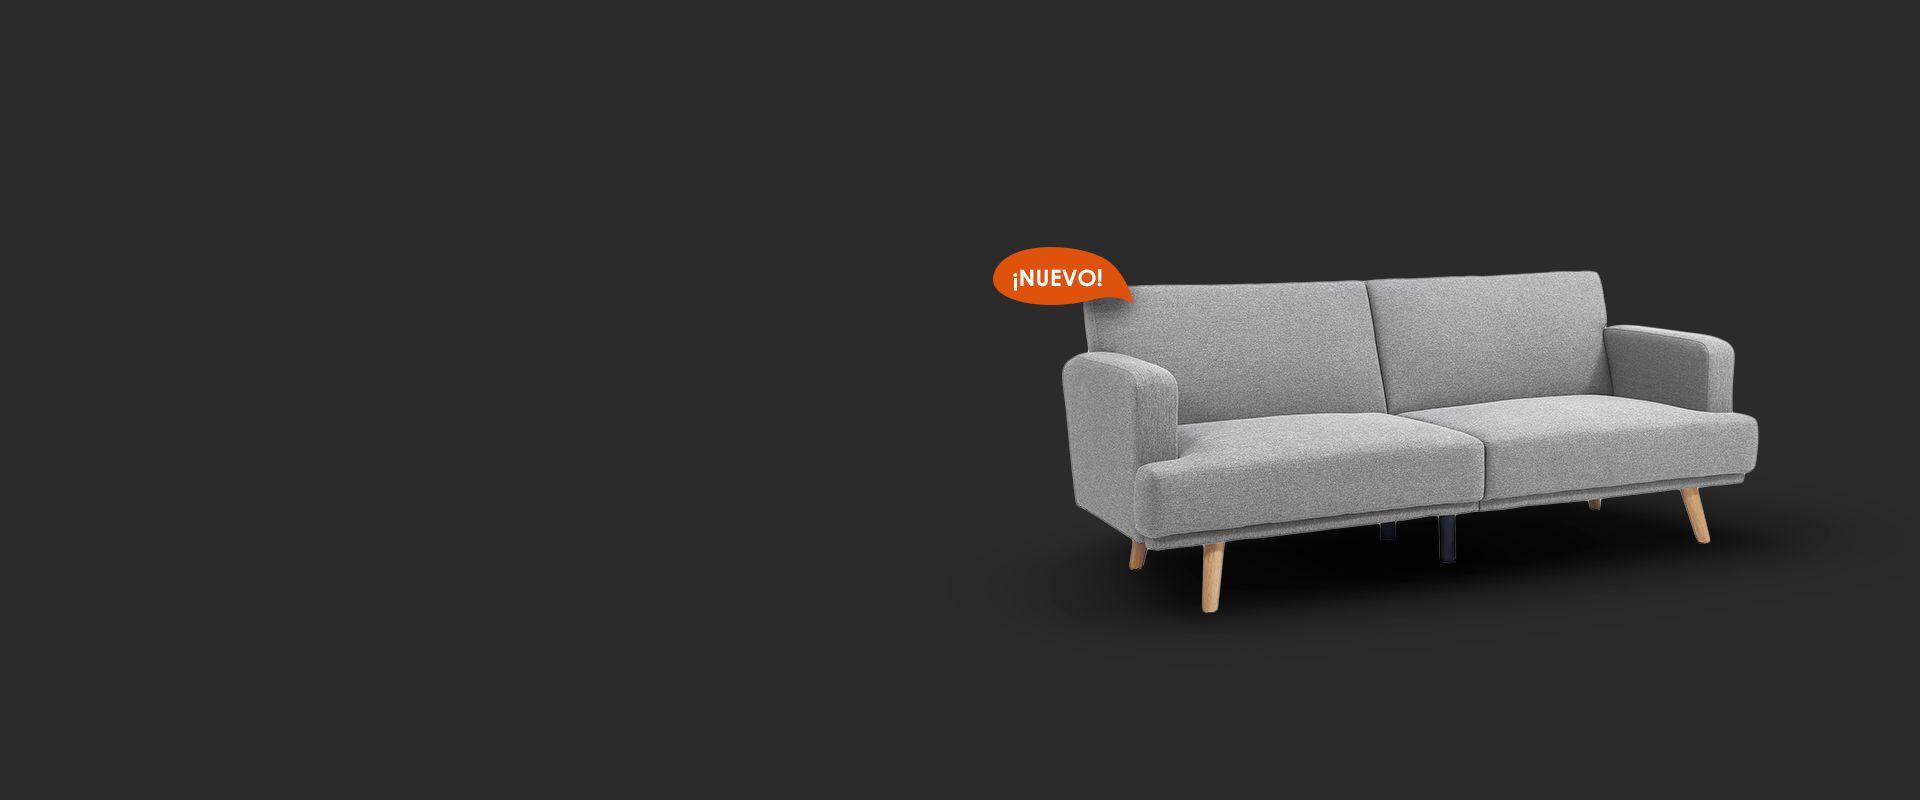 Astan Hogar - Tu tienda online de sofás, relax y cocina 1